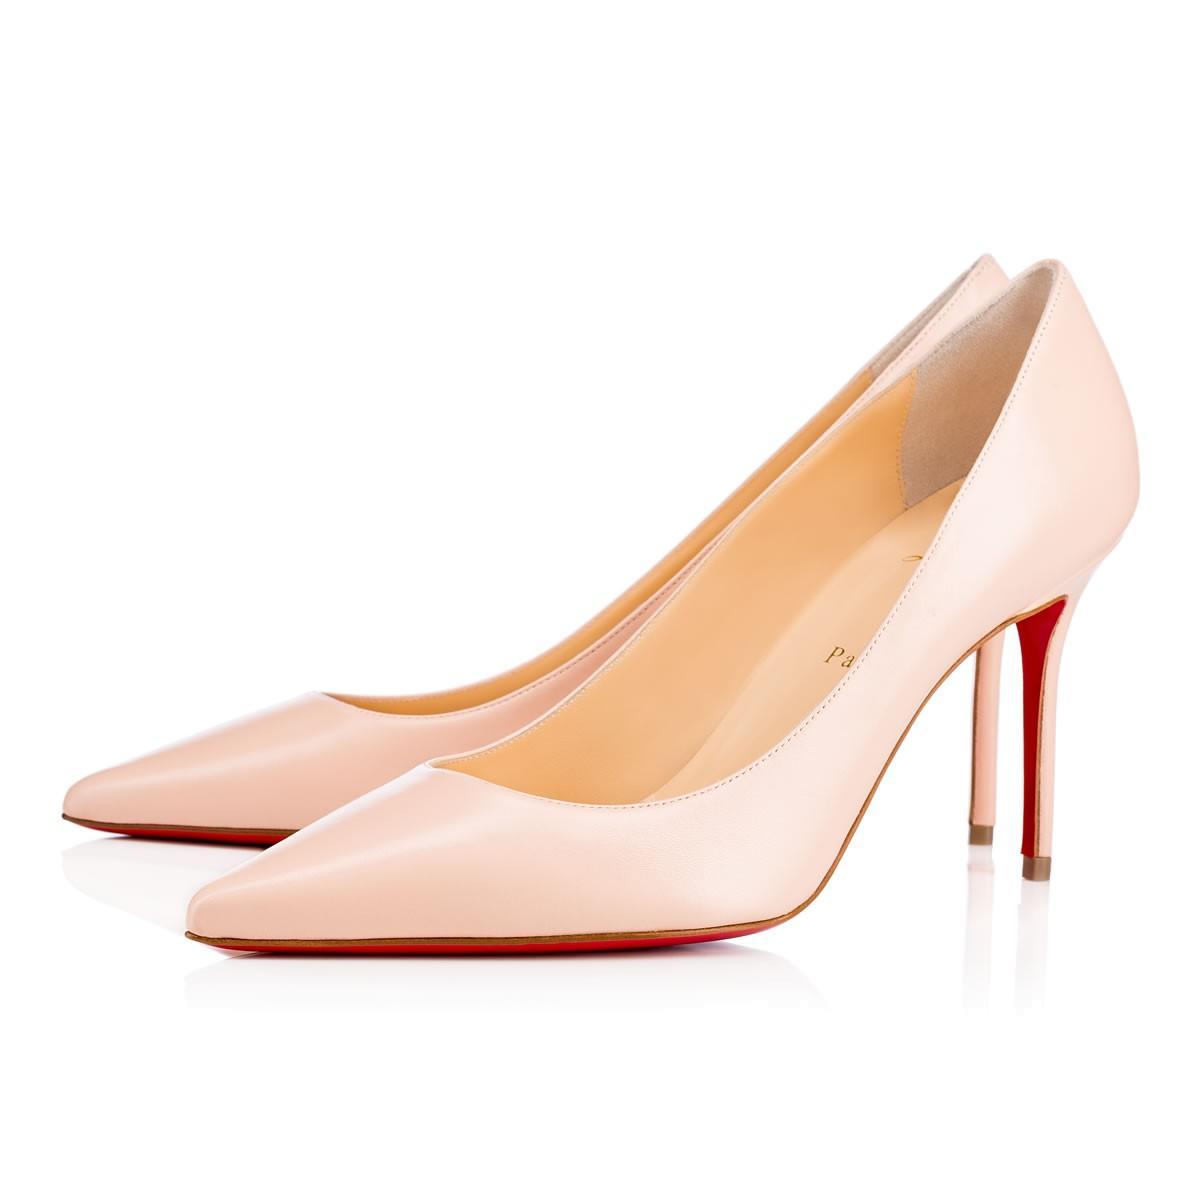 big sale 0c5eb 326c8 Decollete 554 85 Poudre Leather - Women Shoes - Christian Louboutin